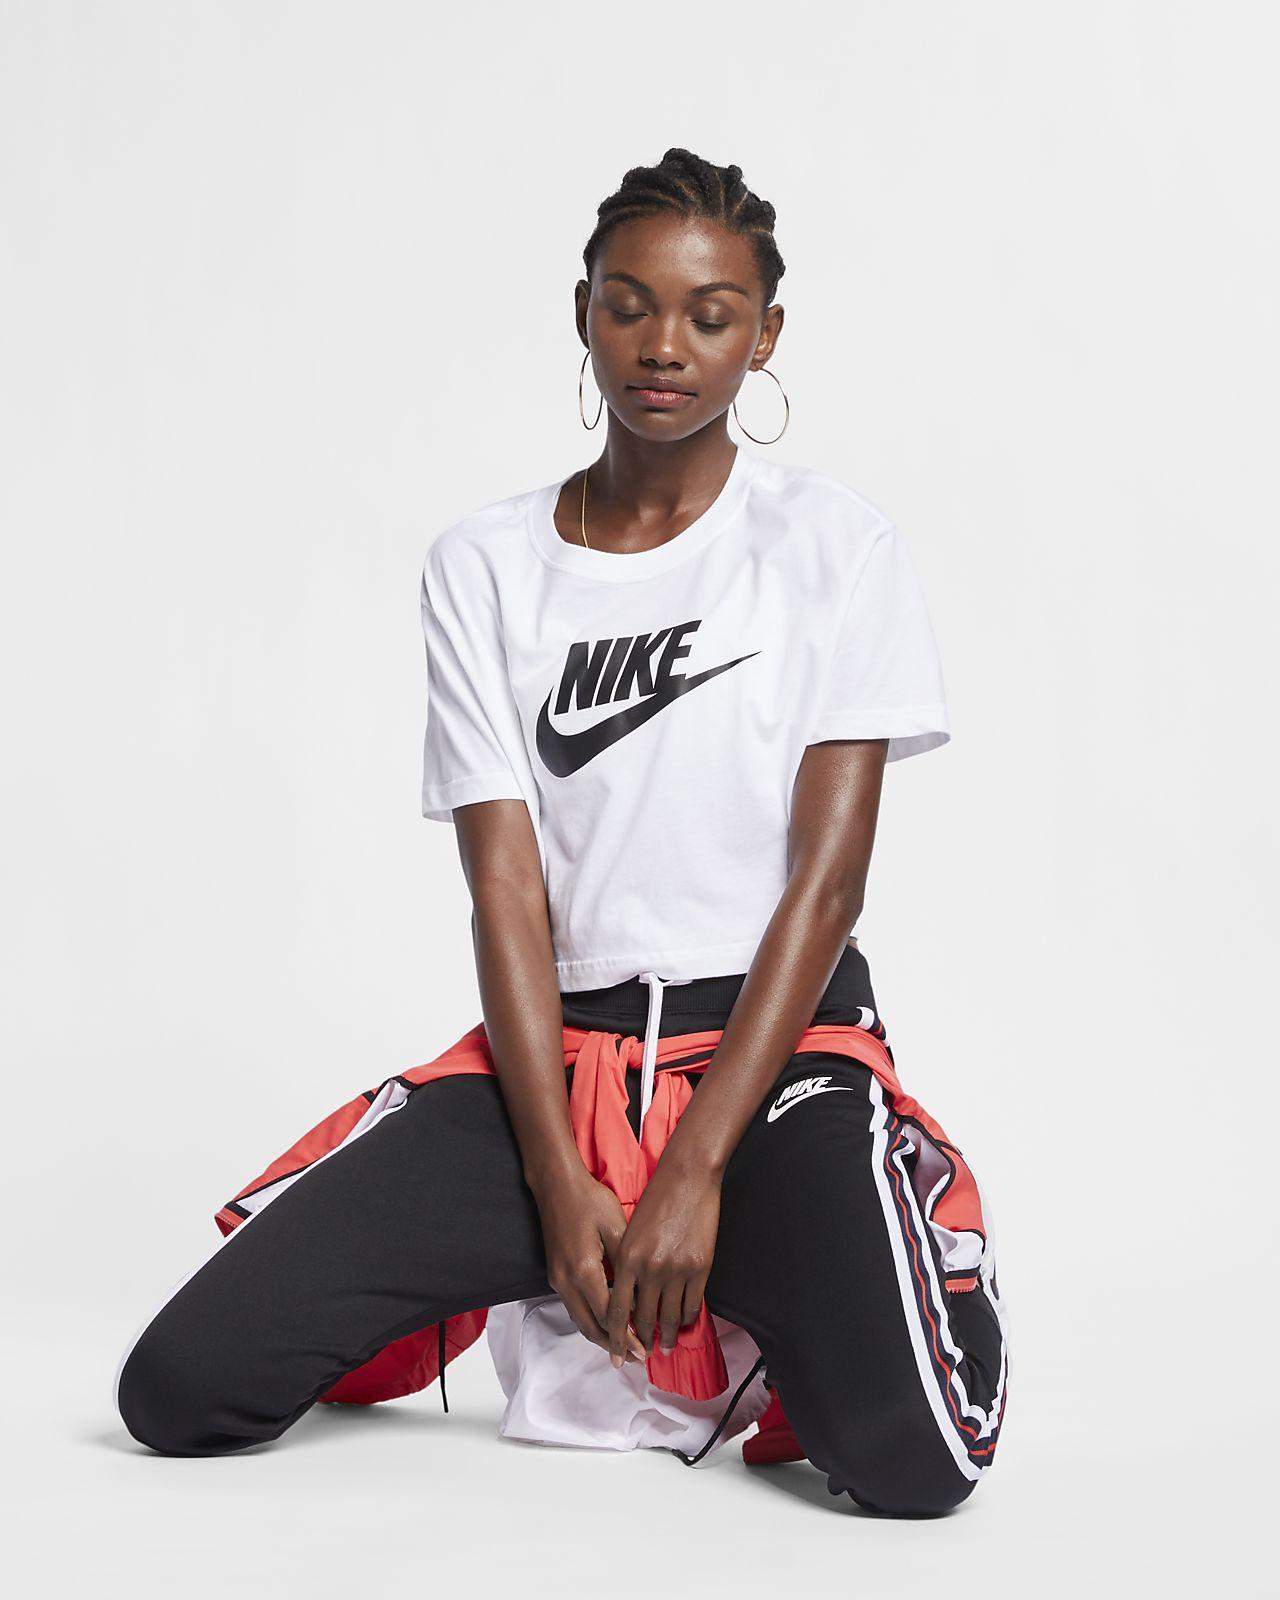 sportswear nike